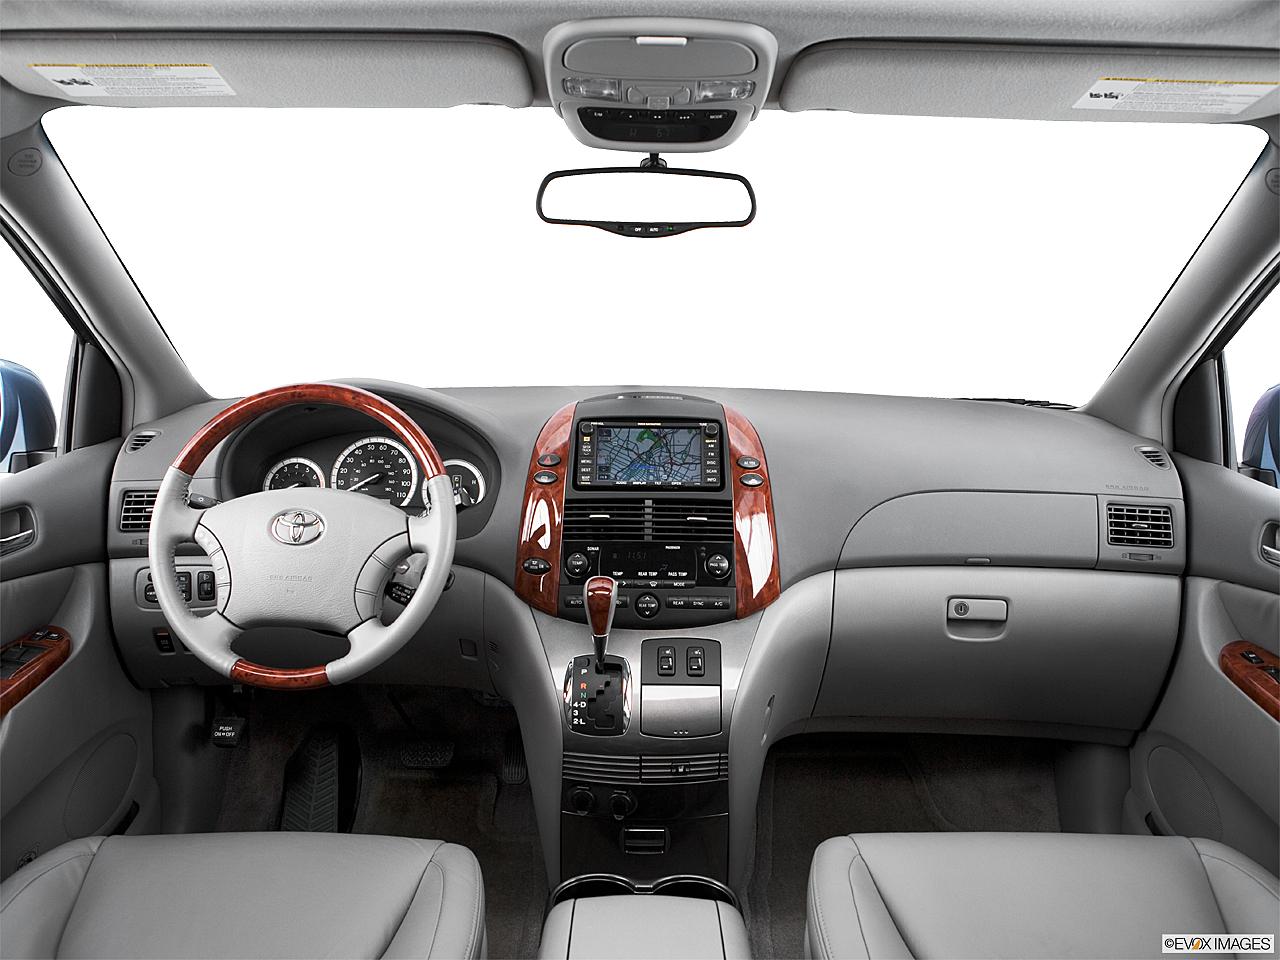 2005 Toyota Sienna XLE Limited, Centered Wide Dash Shot